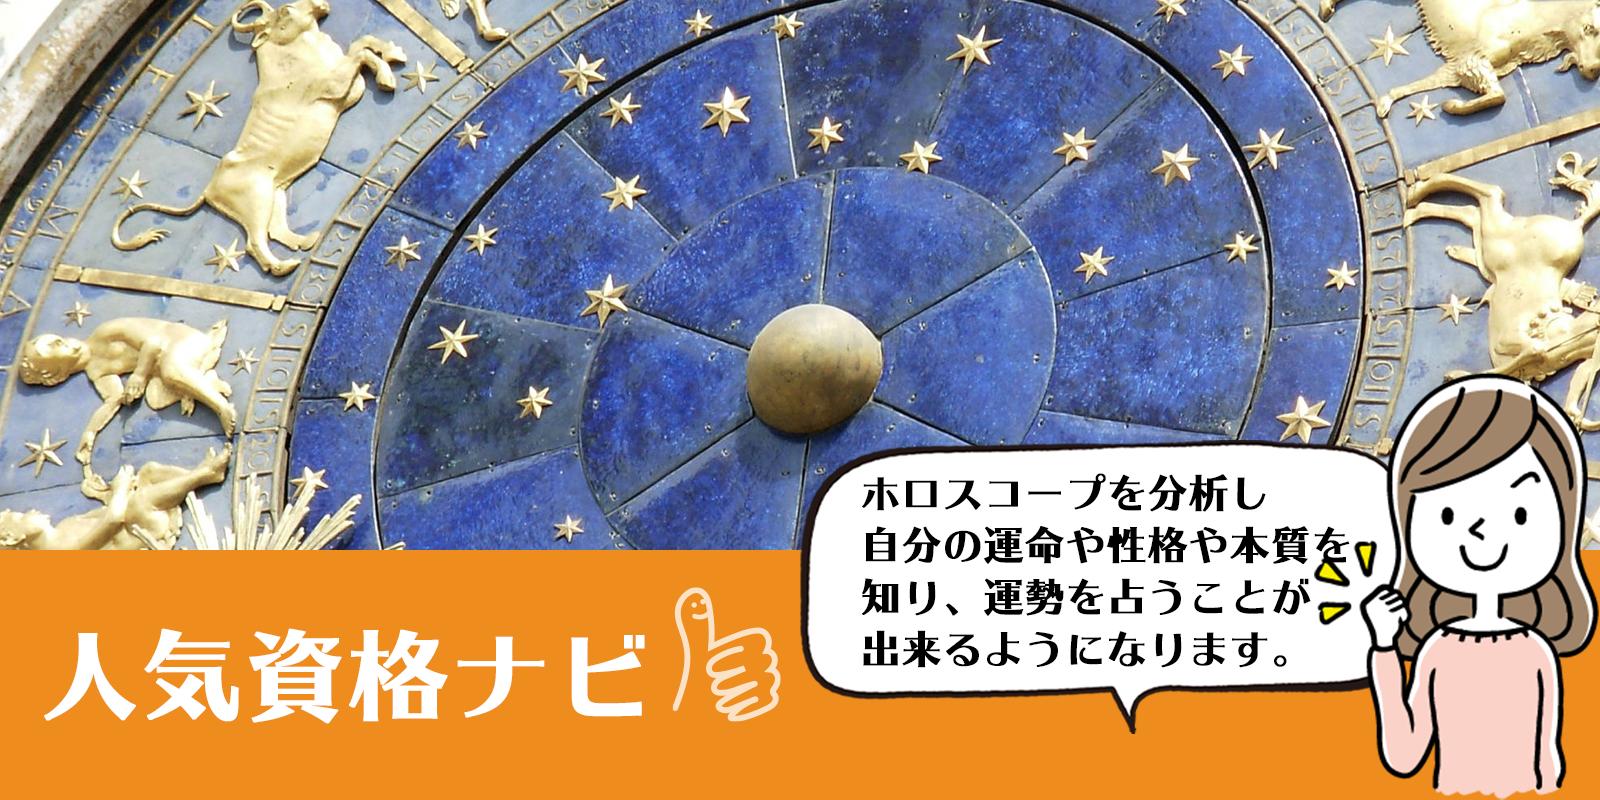 西洋占星術士資格のアイキャッチ画像